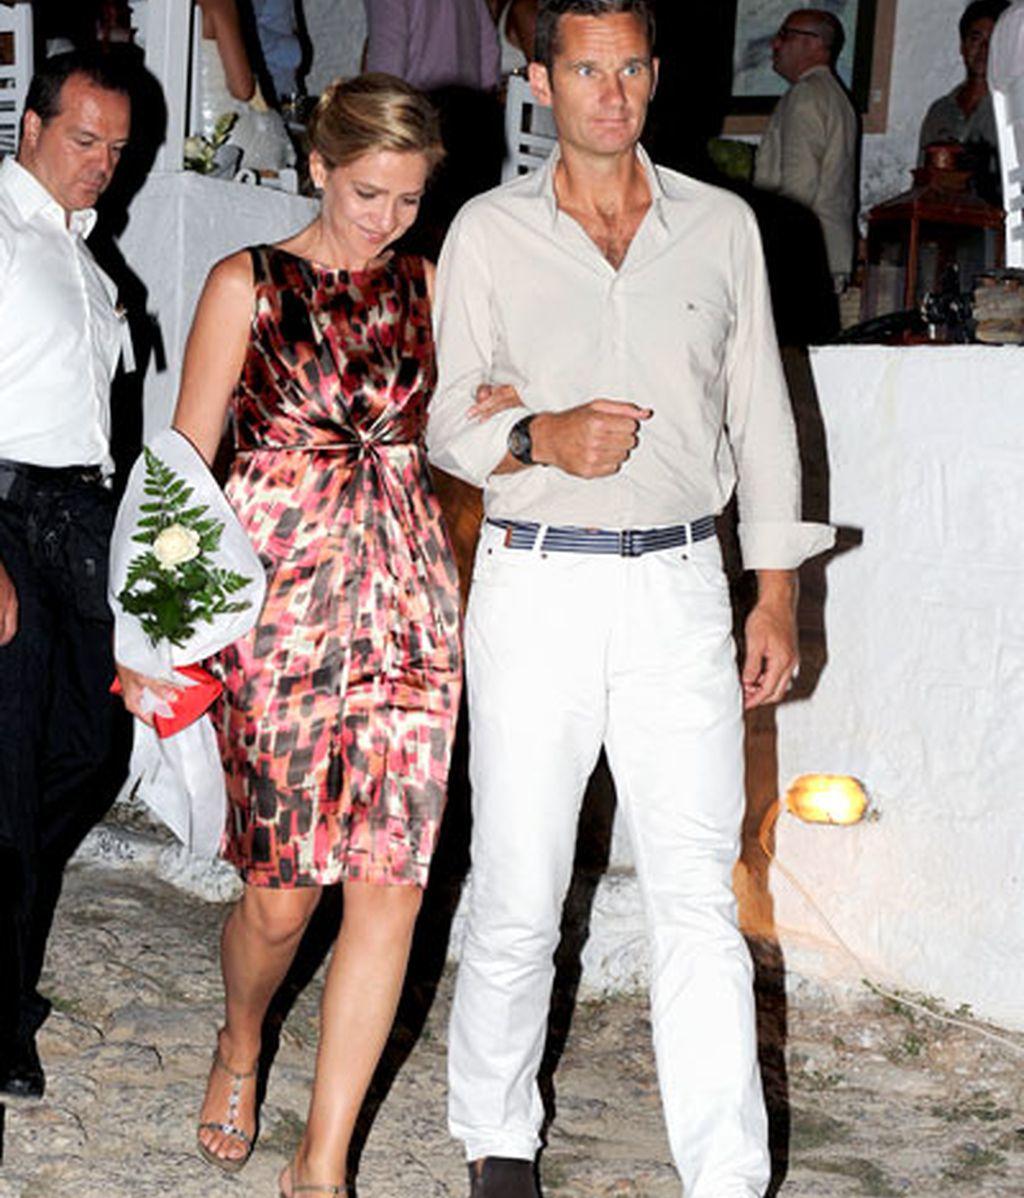 Comida griega, rosas blancas y un paseo en yate: las imágenes del reencuentro real